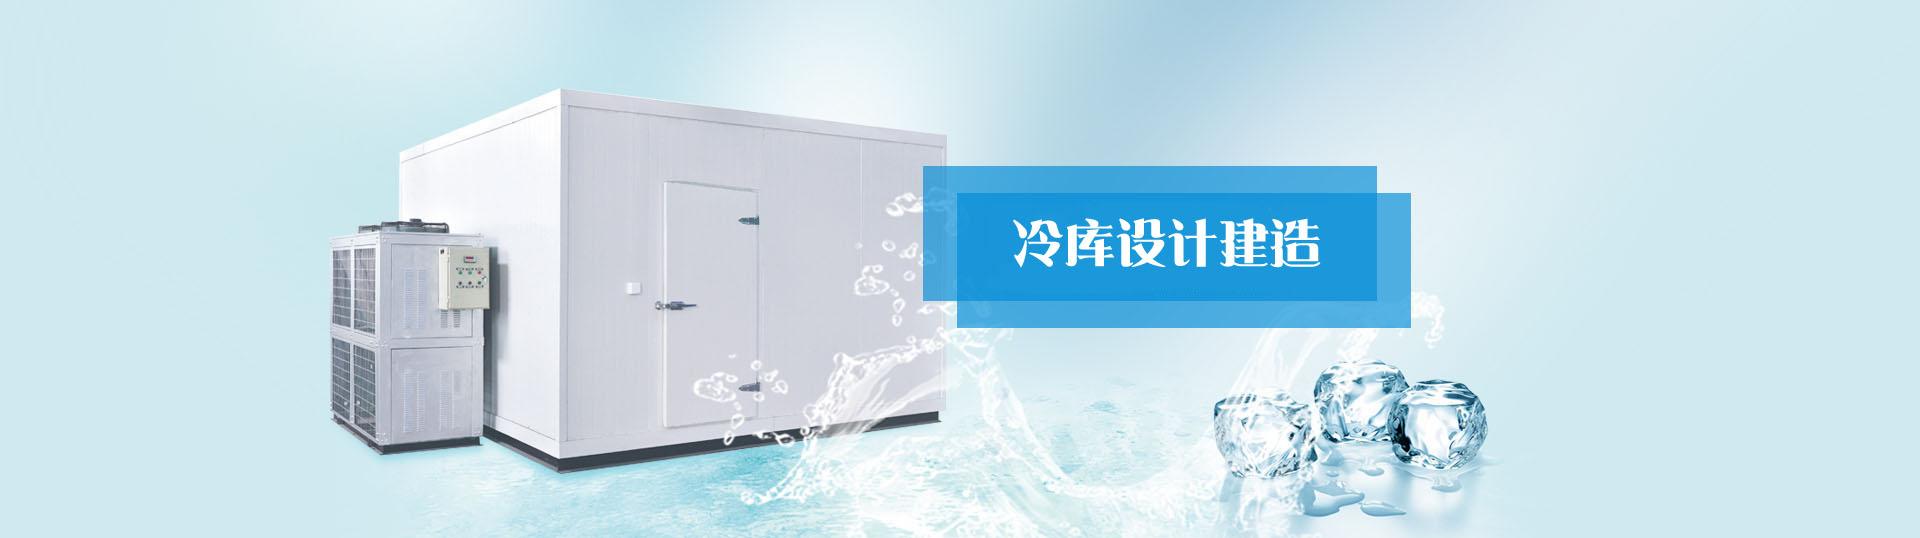 苏州百顺制冷科技有限公司